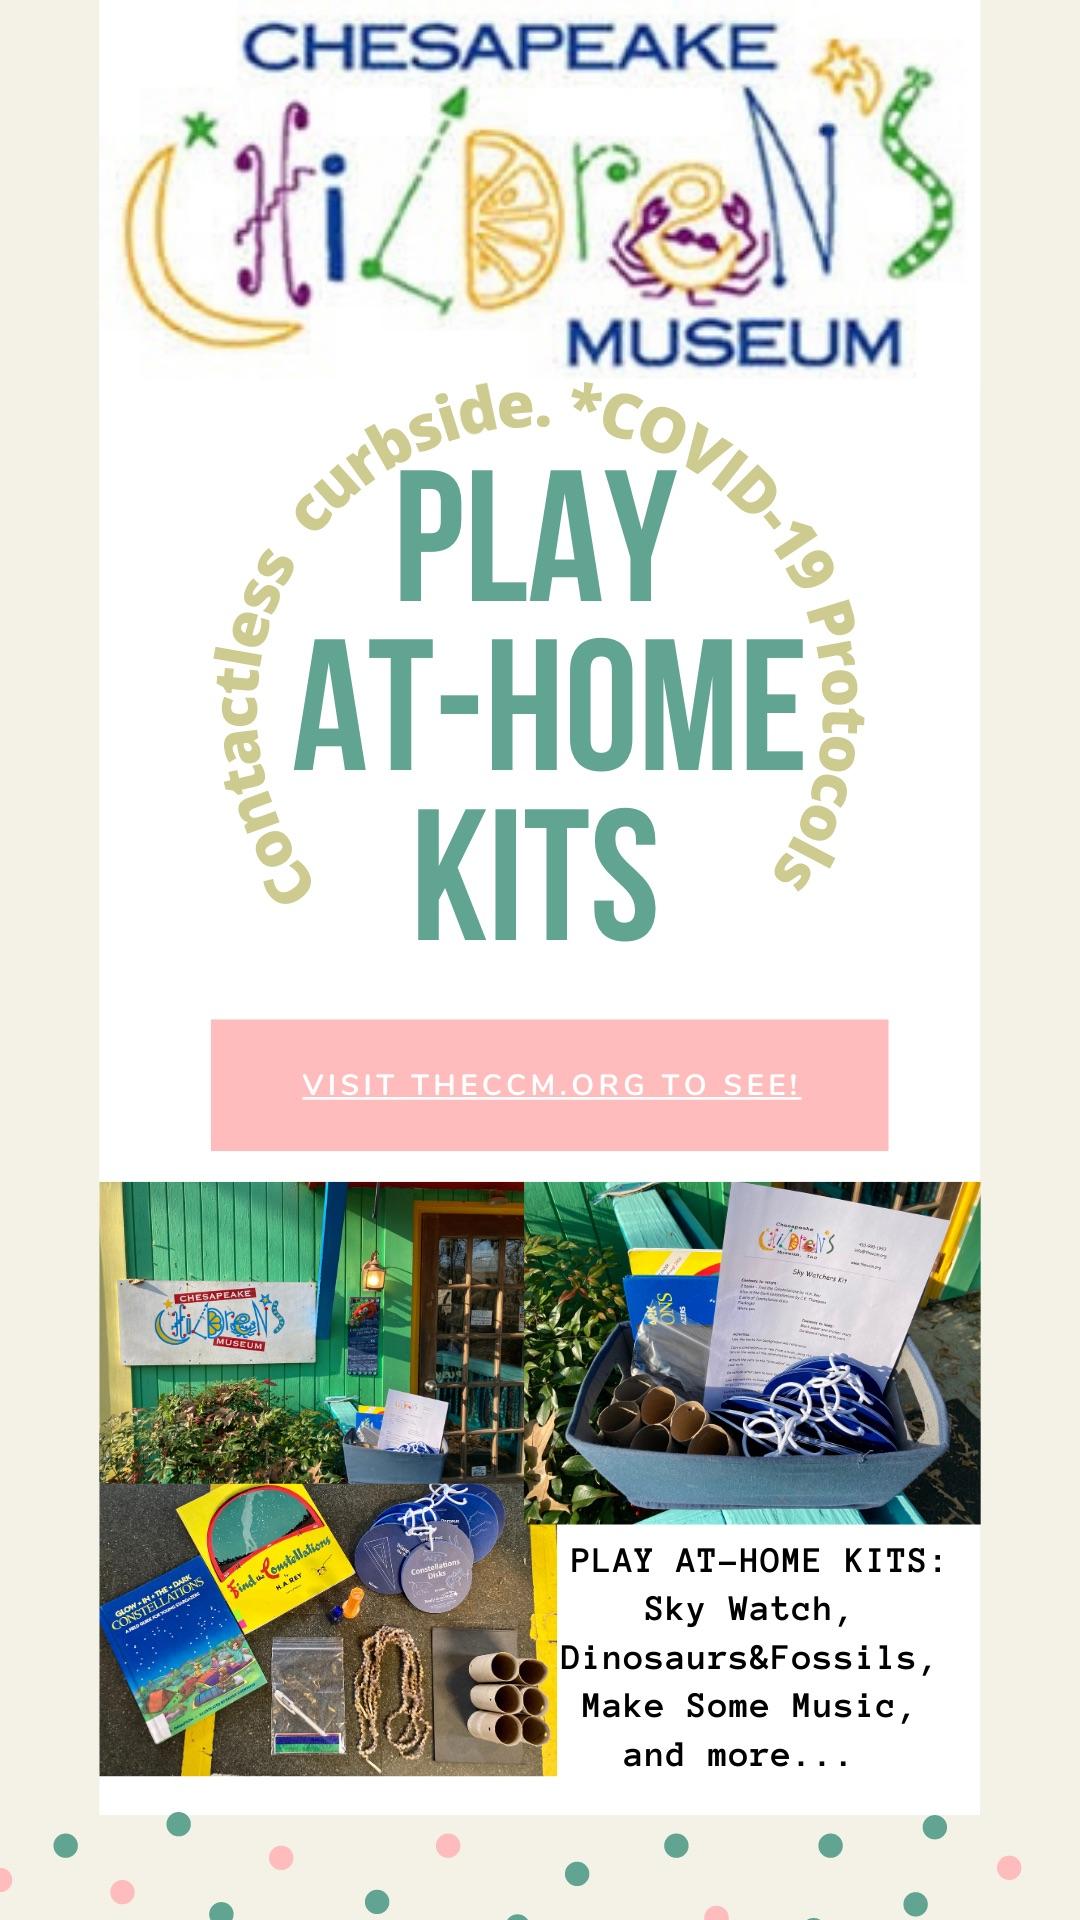 Play At-Home Kits image